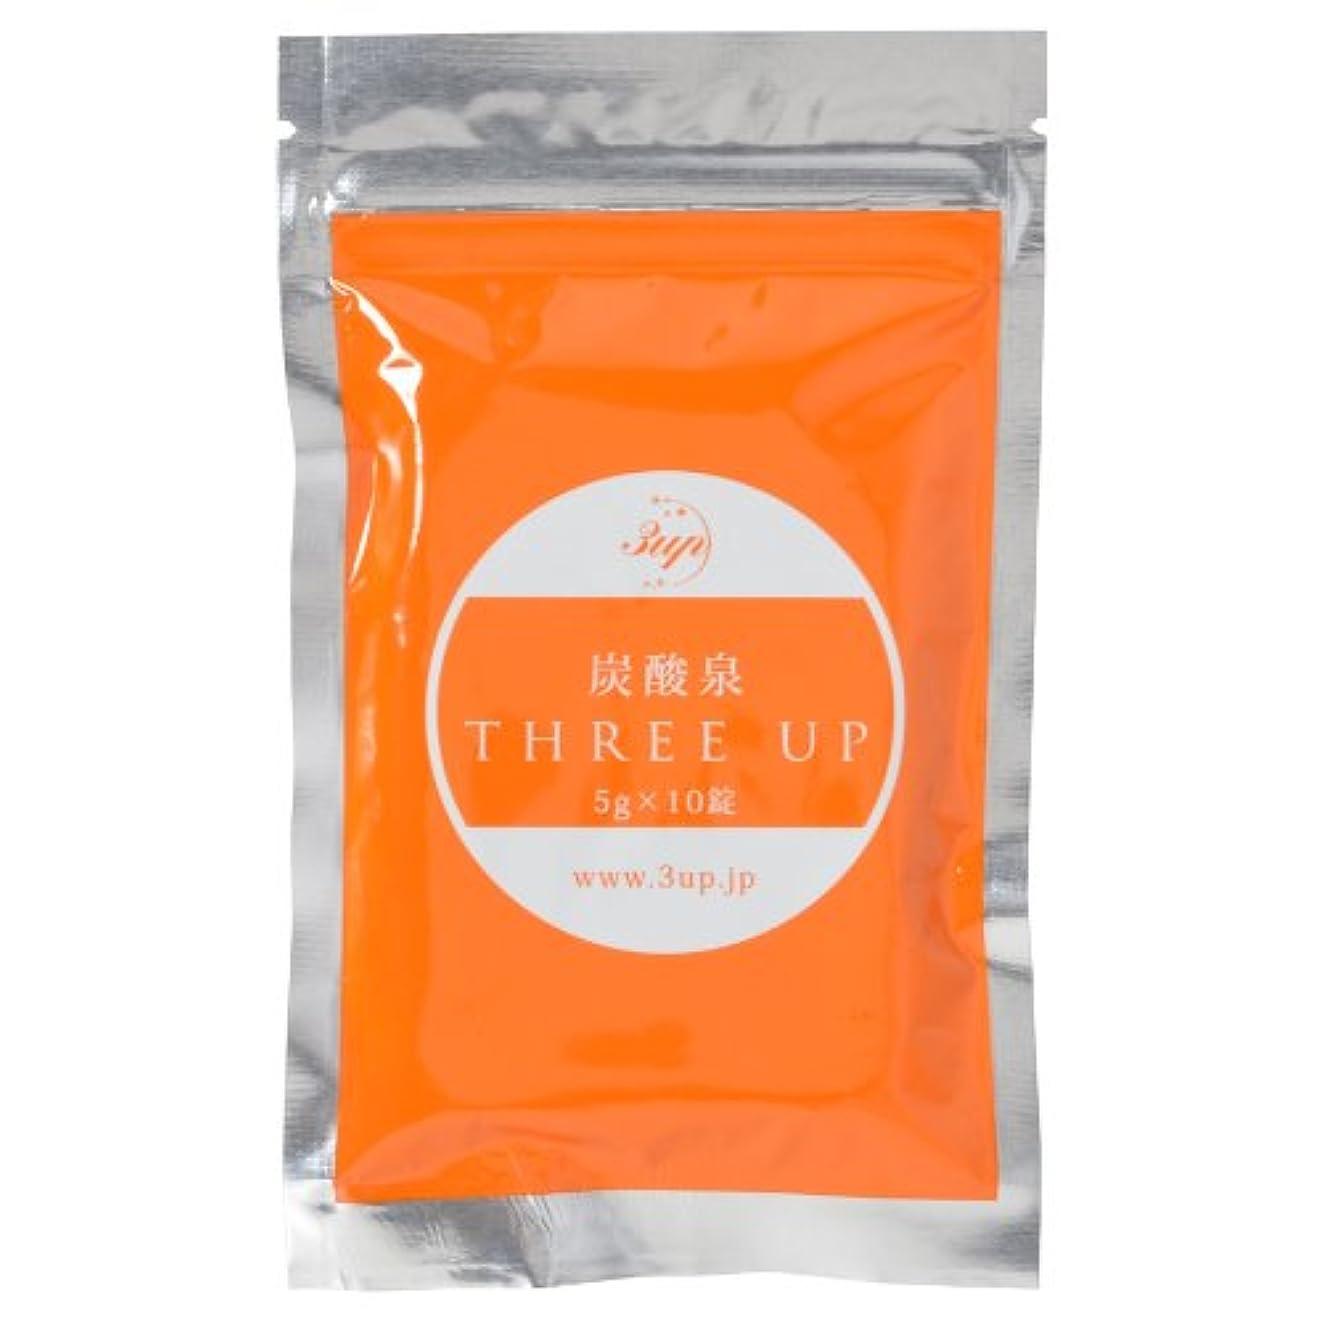 グリップシーズン腐った3upスリーアップ 重炭酸イオンタブレット(洗顔用) 1袋:5g×10錠